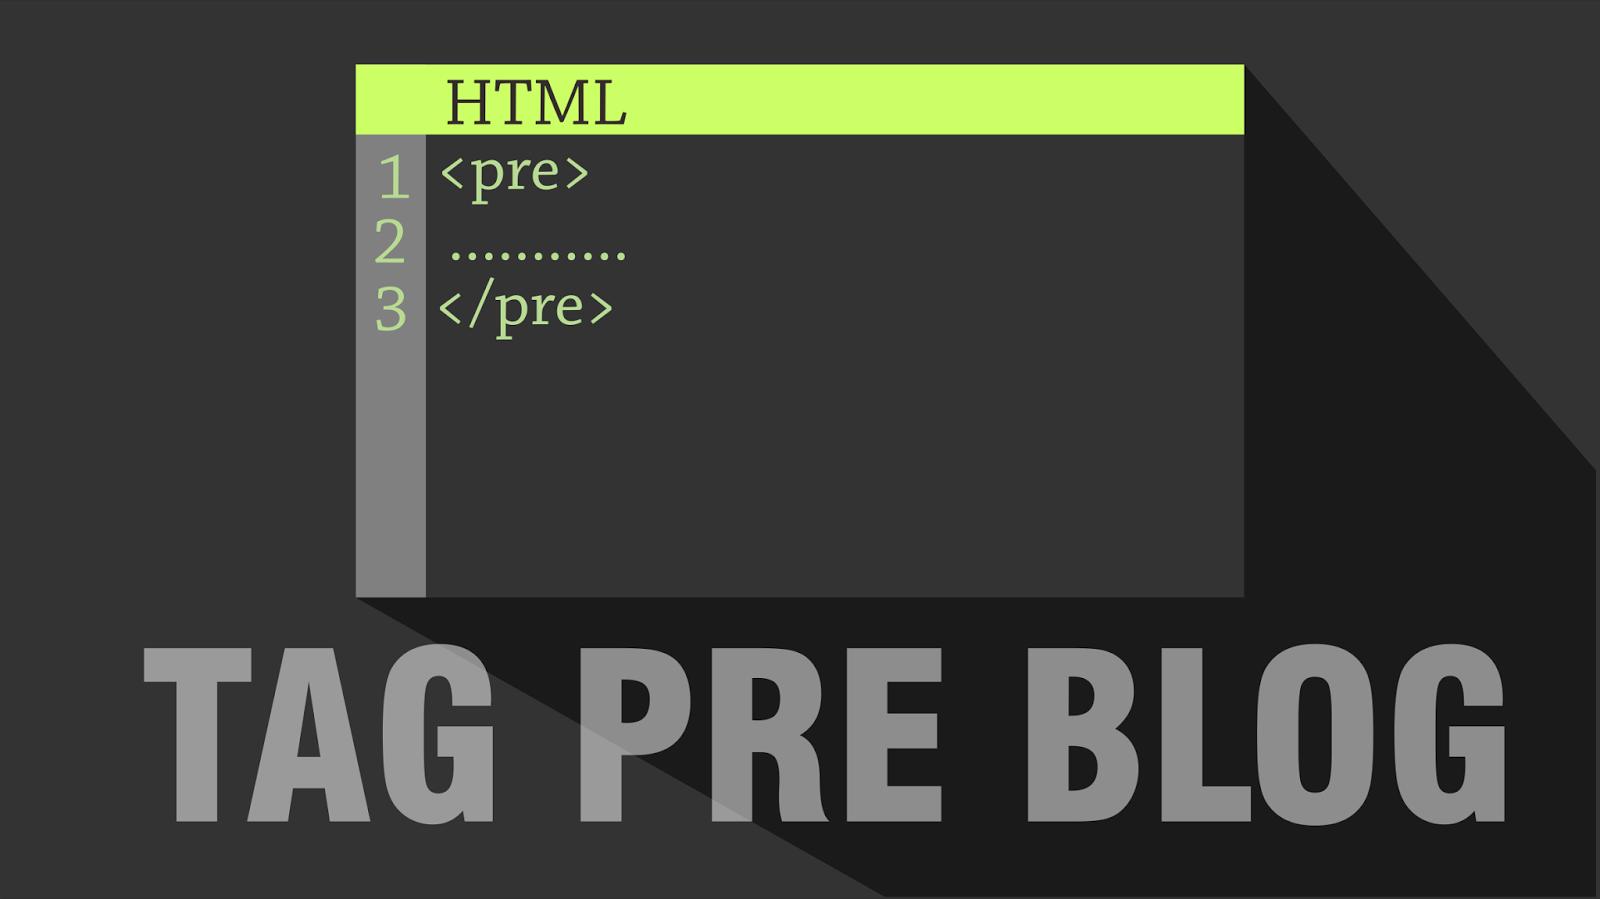 Cara Merubah atau Memodifikasi Tag Pre Blog